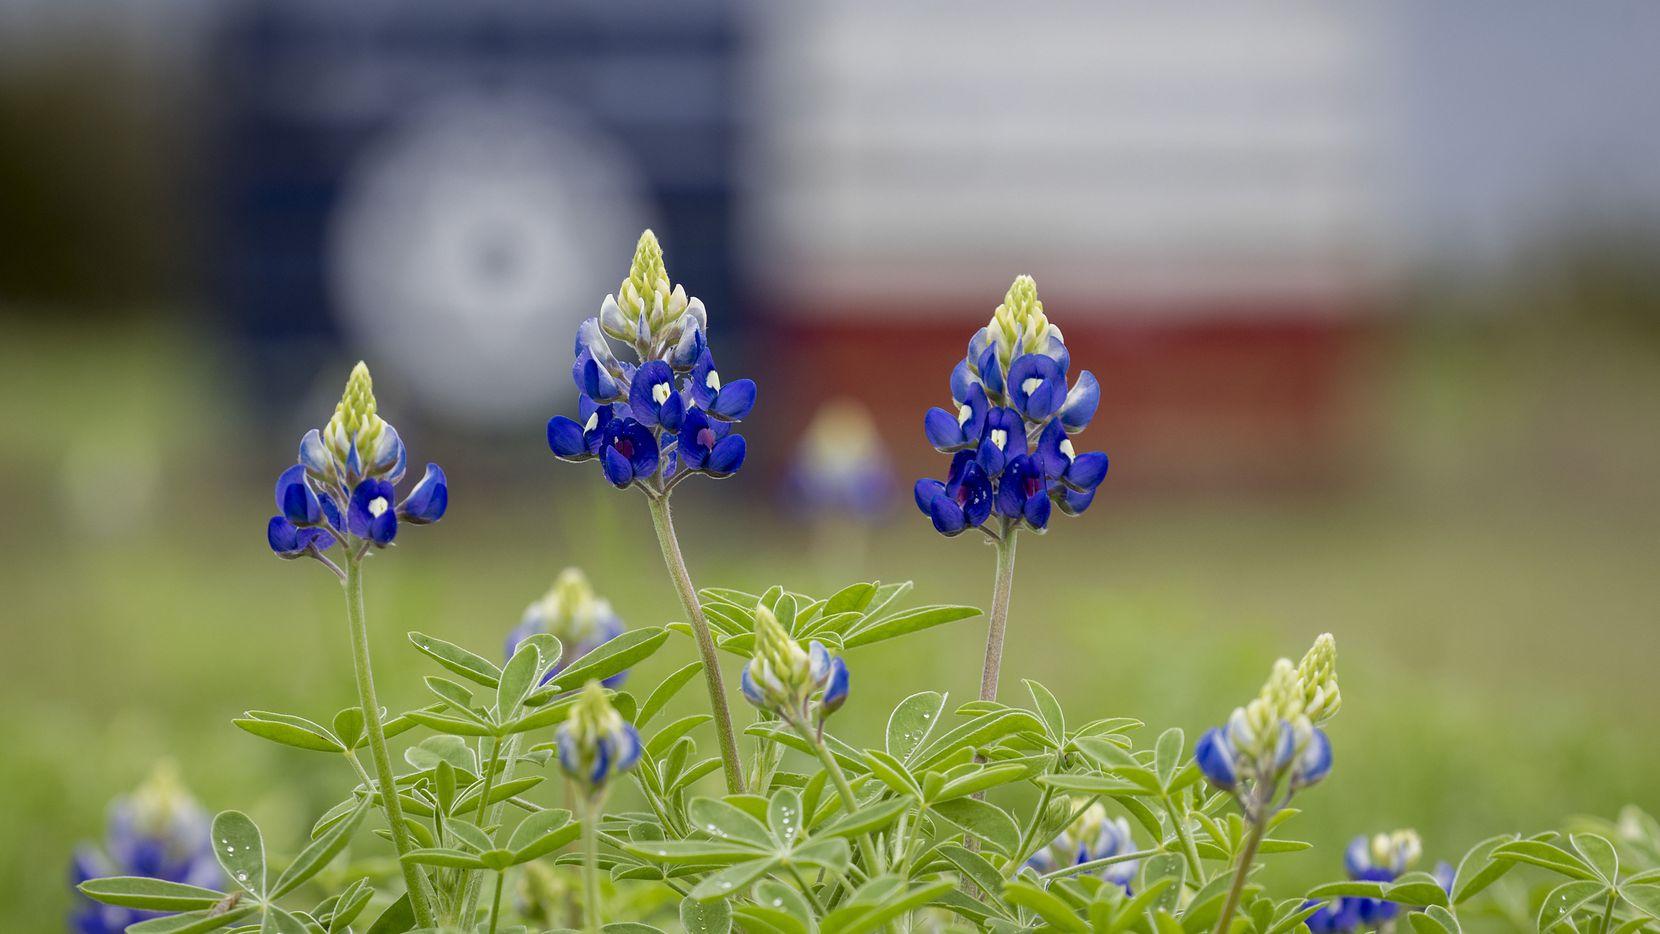 Bluebonnets bloom in Bluebonnet Park in Ennis.